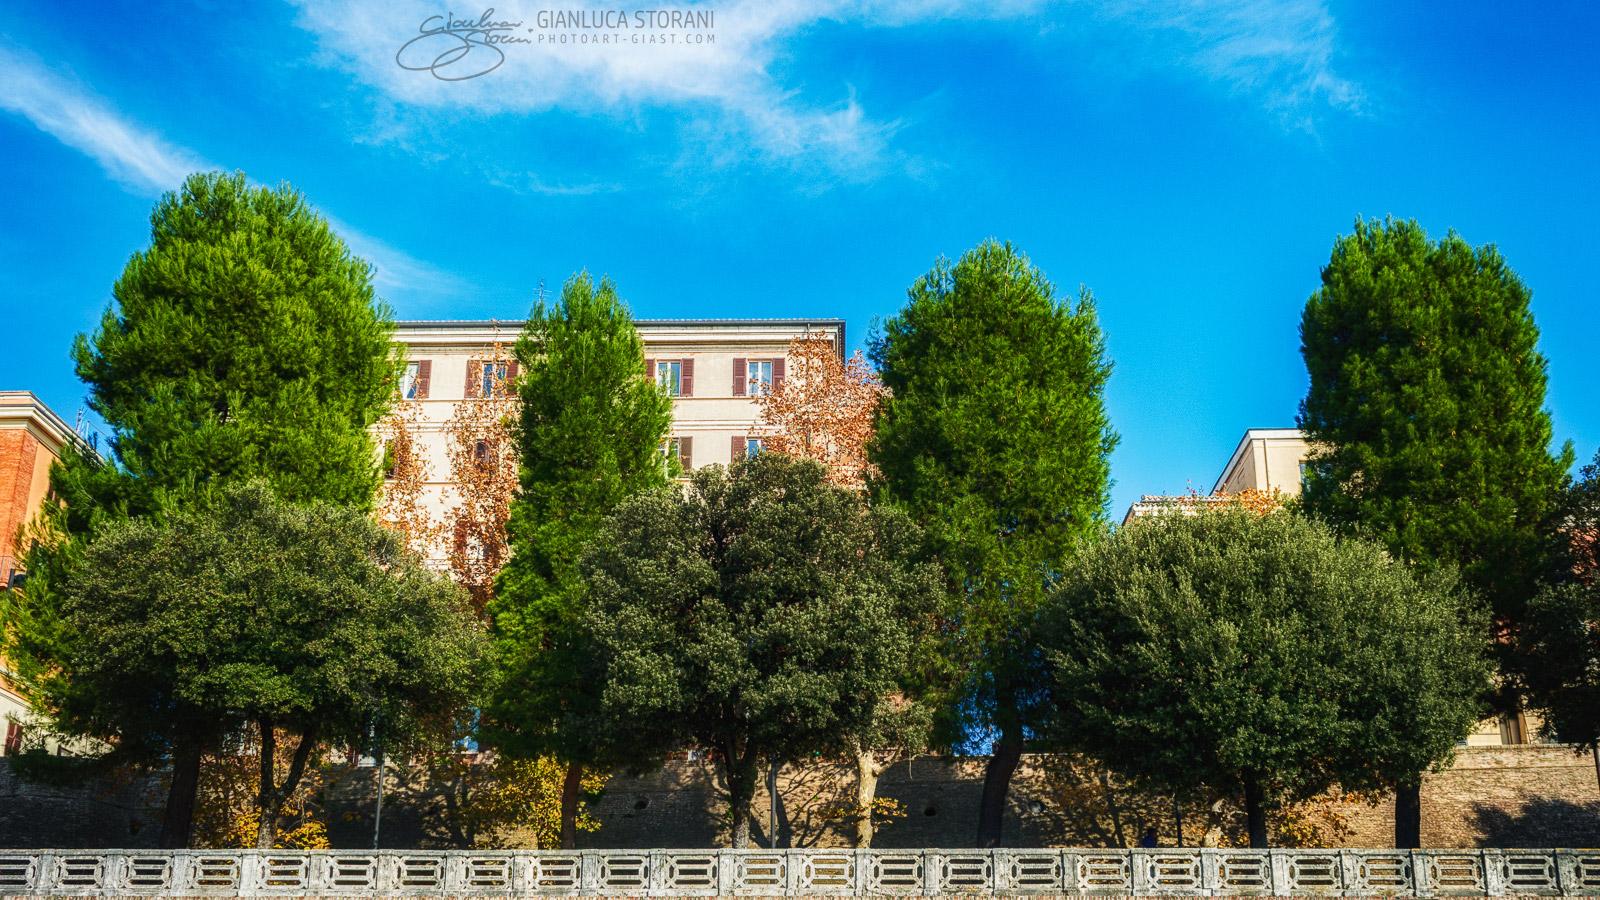 Viale Puccinotti dai Giardini Diaz - Gianluca Storani Photo Art (ID: 1-9549)